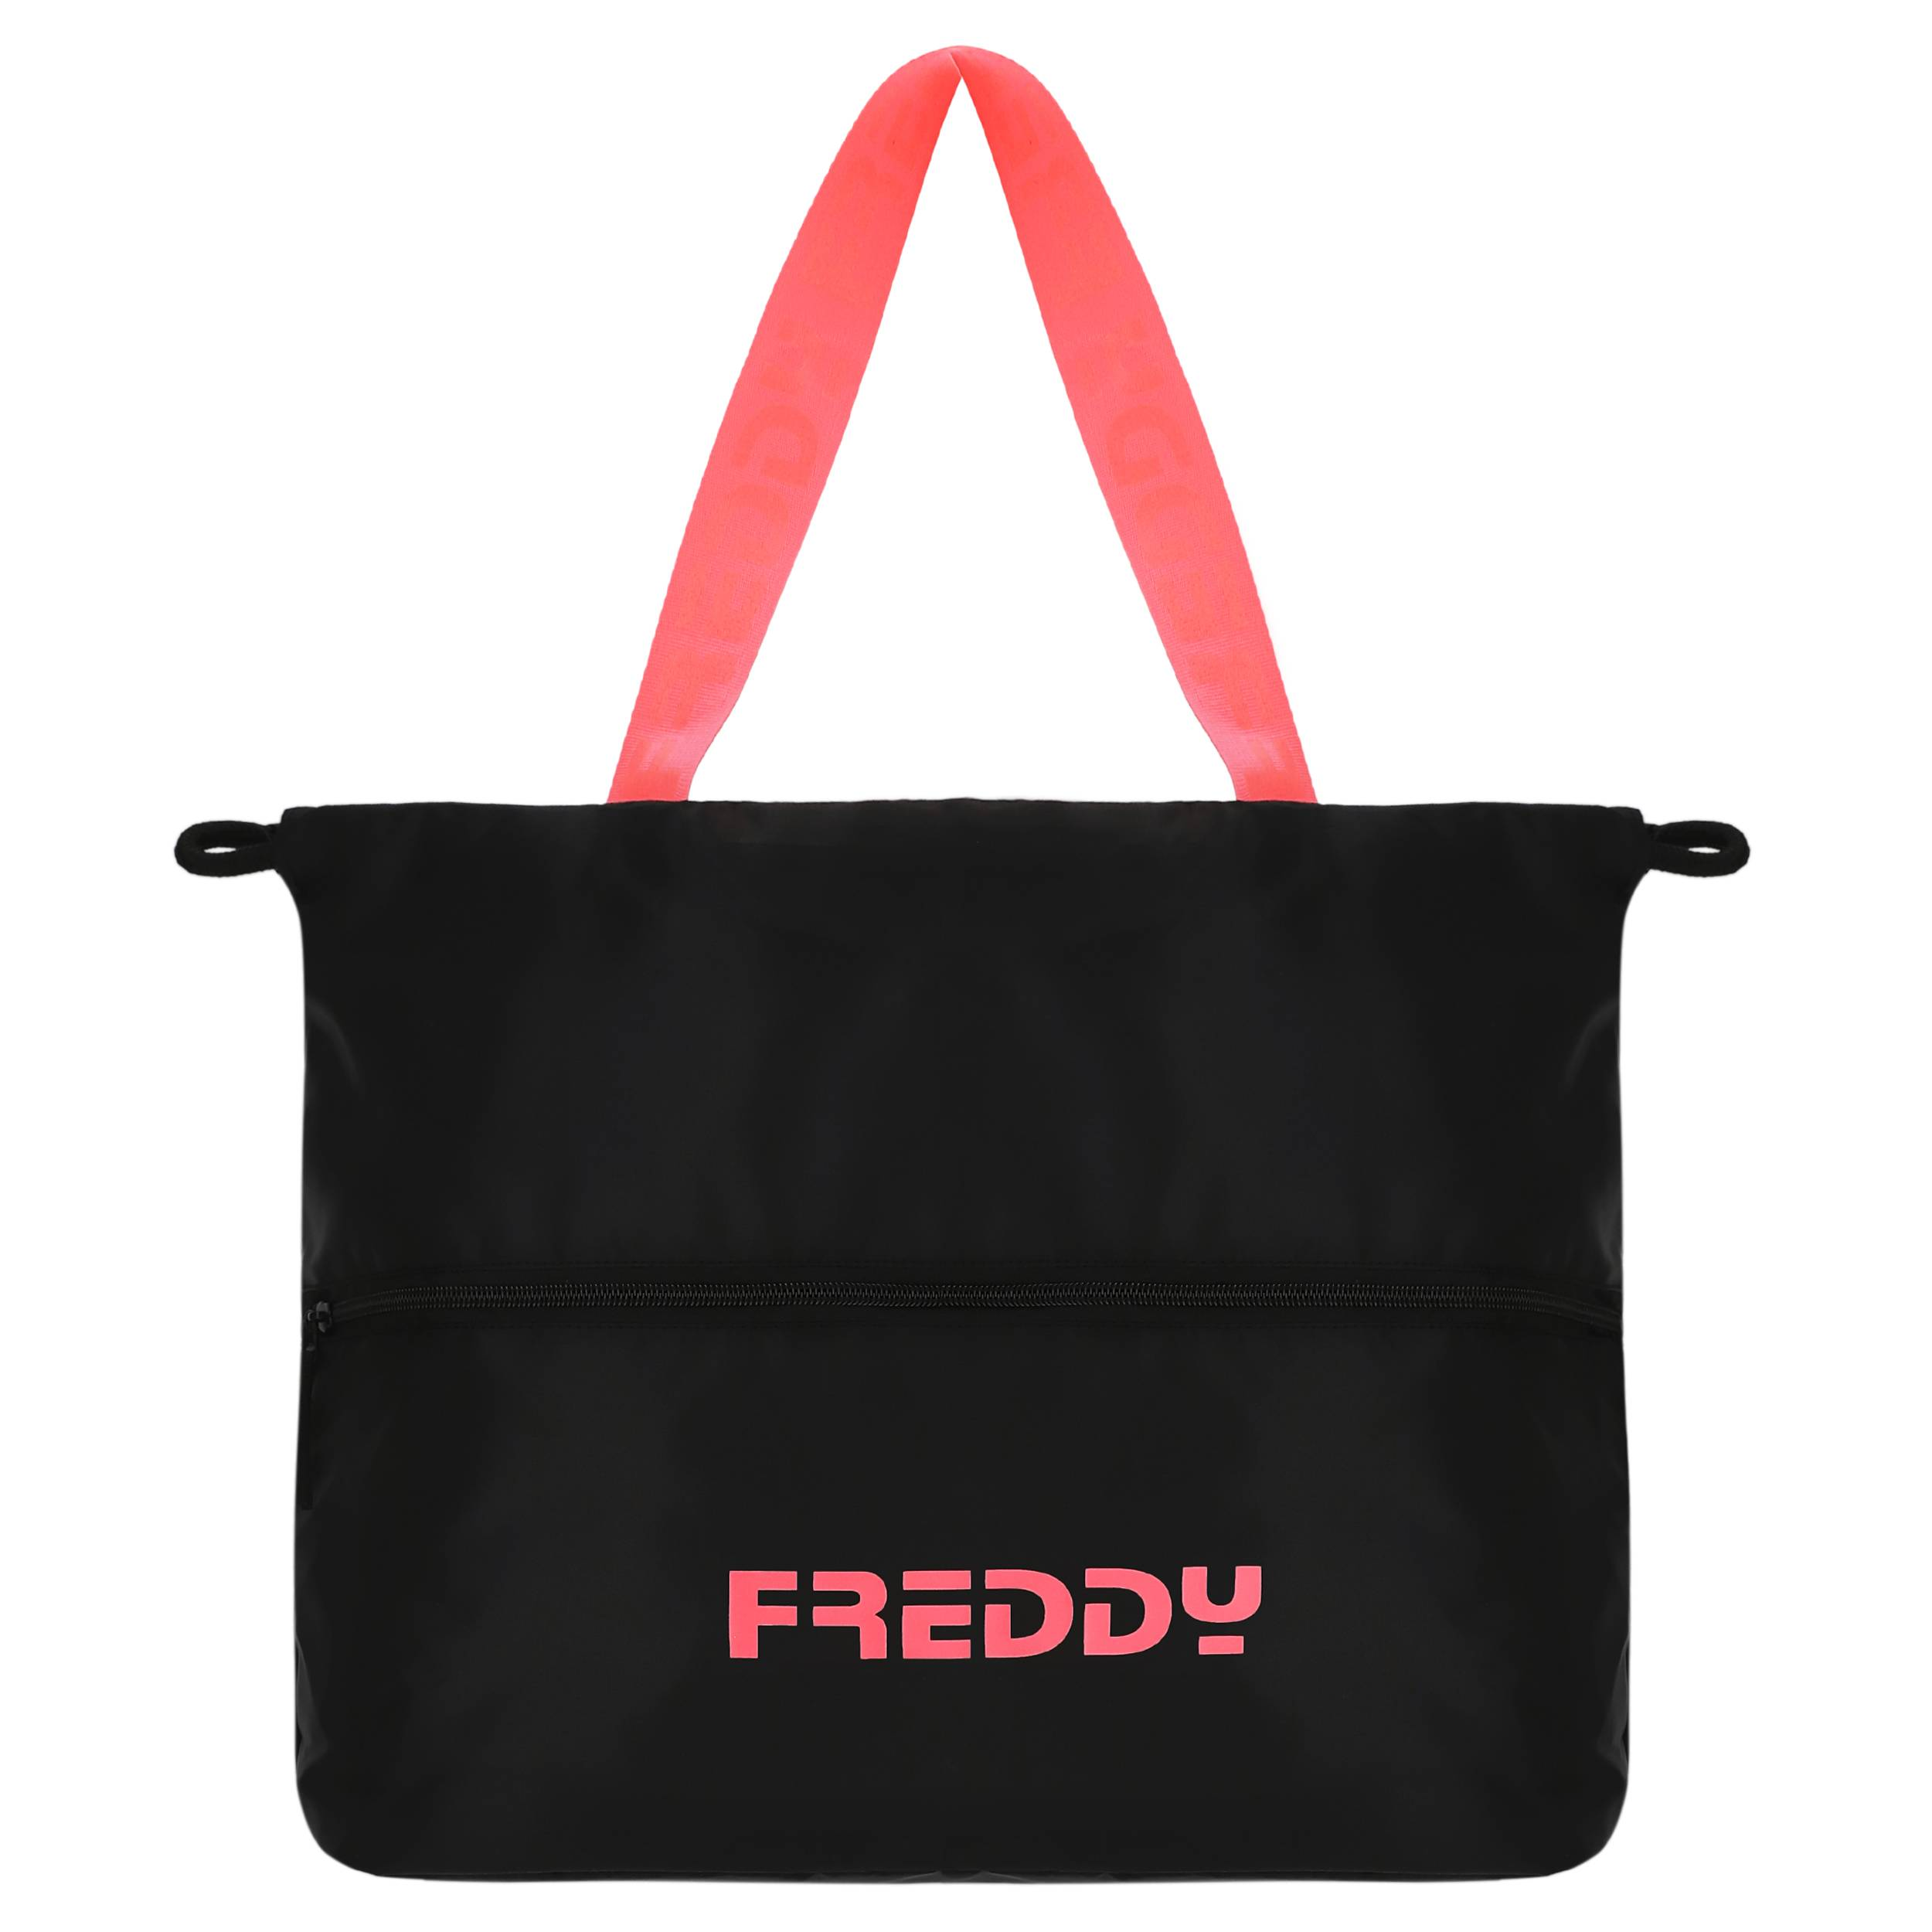 Freddy Borsa in nylon nero con dettagli fluo Nero-Arancio